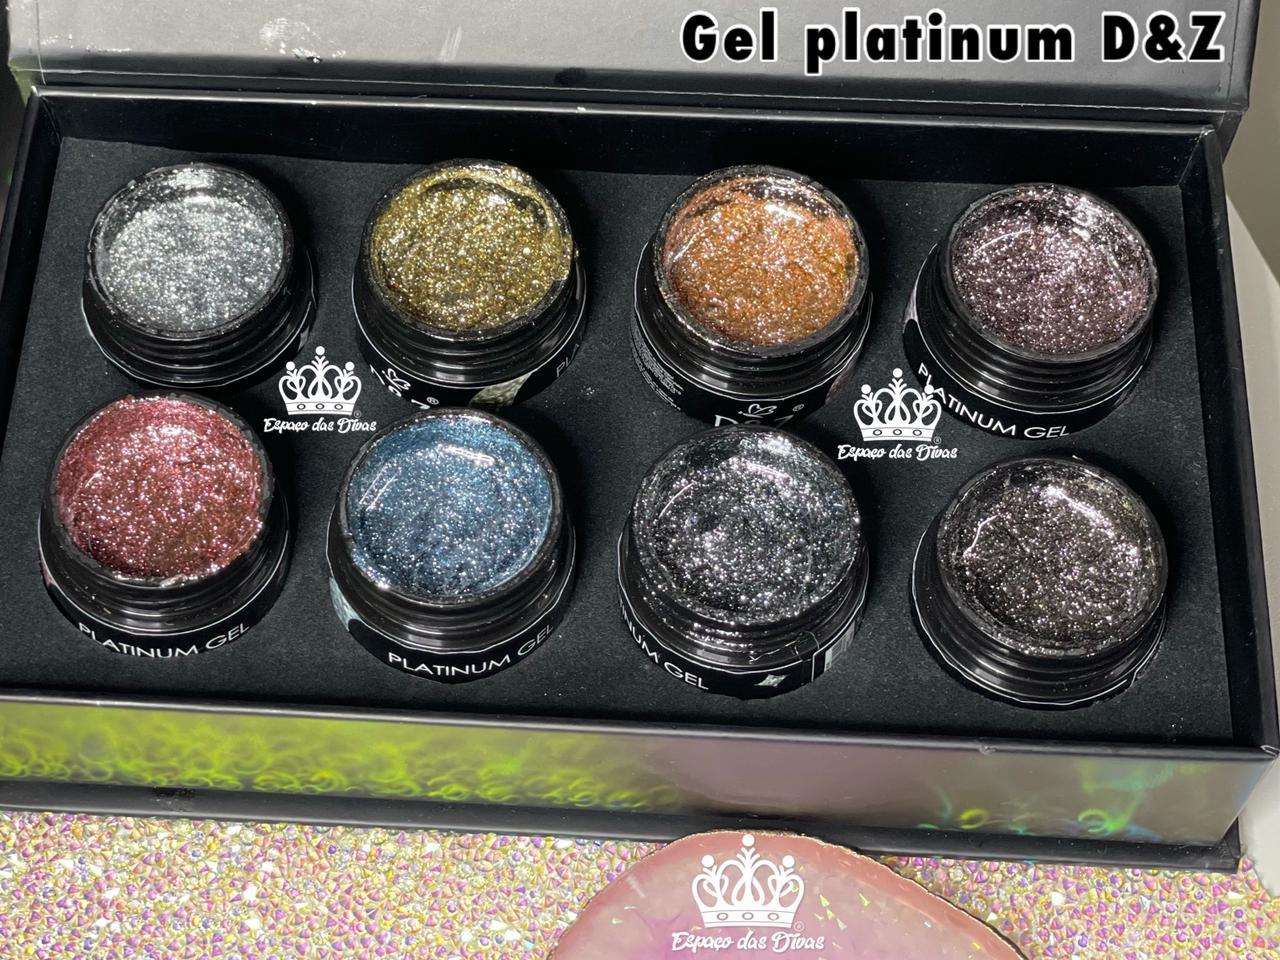 Kit Platinum Gel D&Z - Soak Off UV/LED - 8 Cores